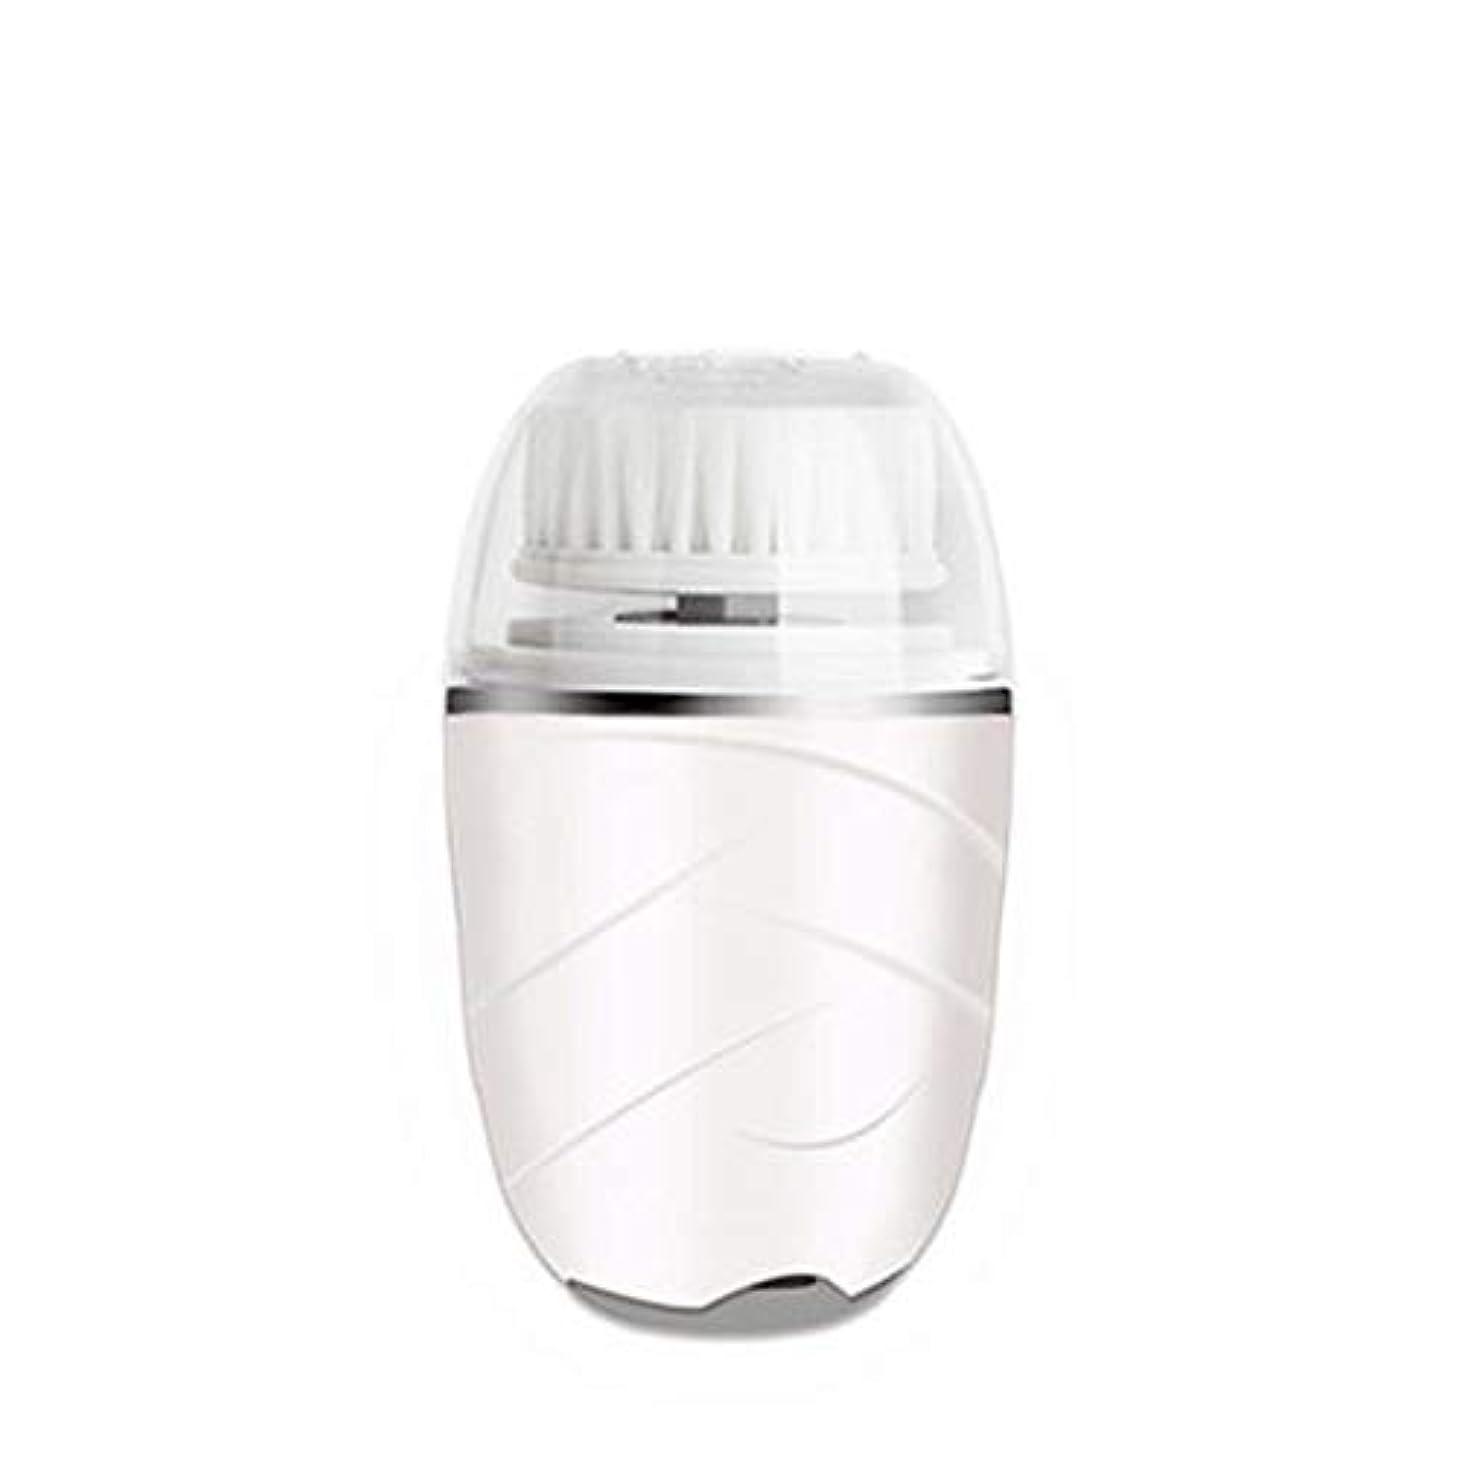 最少バレエ価値HEHUIHUI- クレンジングブラシ、防水ディープクレンジングポア、電気剥離、にきび、アンチエイジングクレンジングブラシ(ピンク) (Color : White)